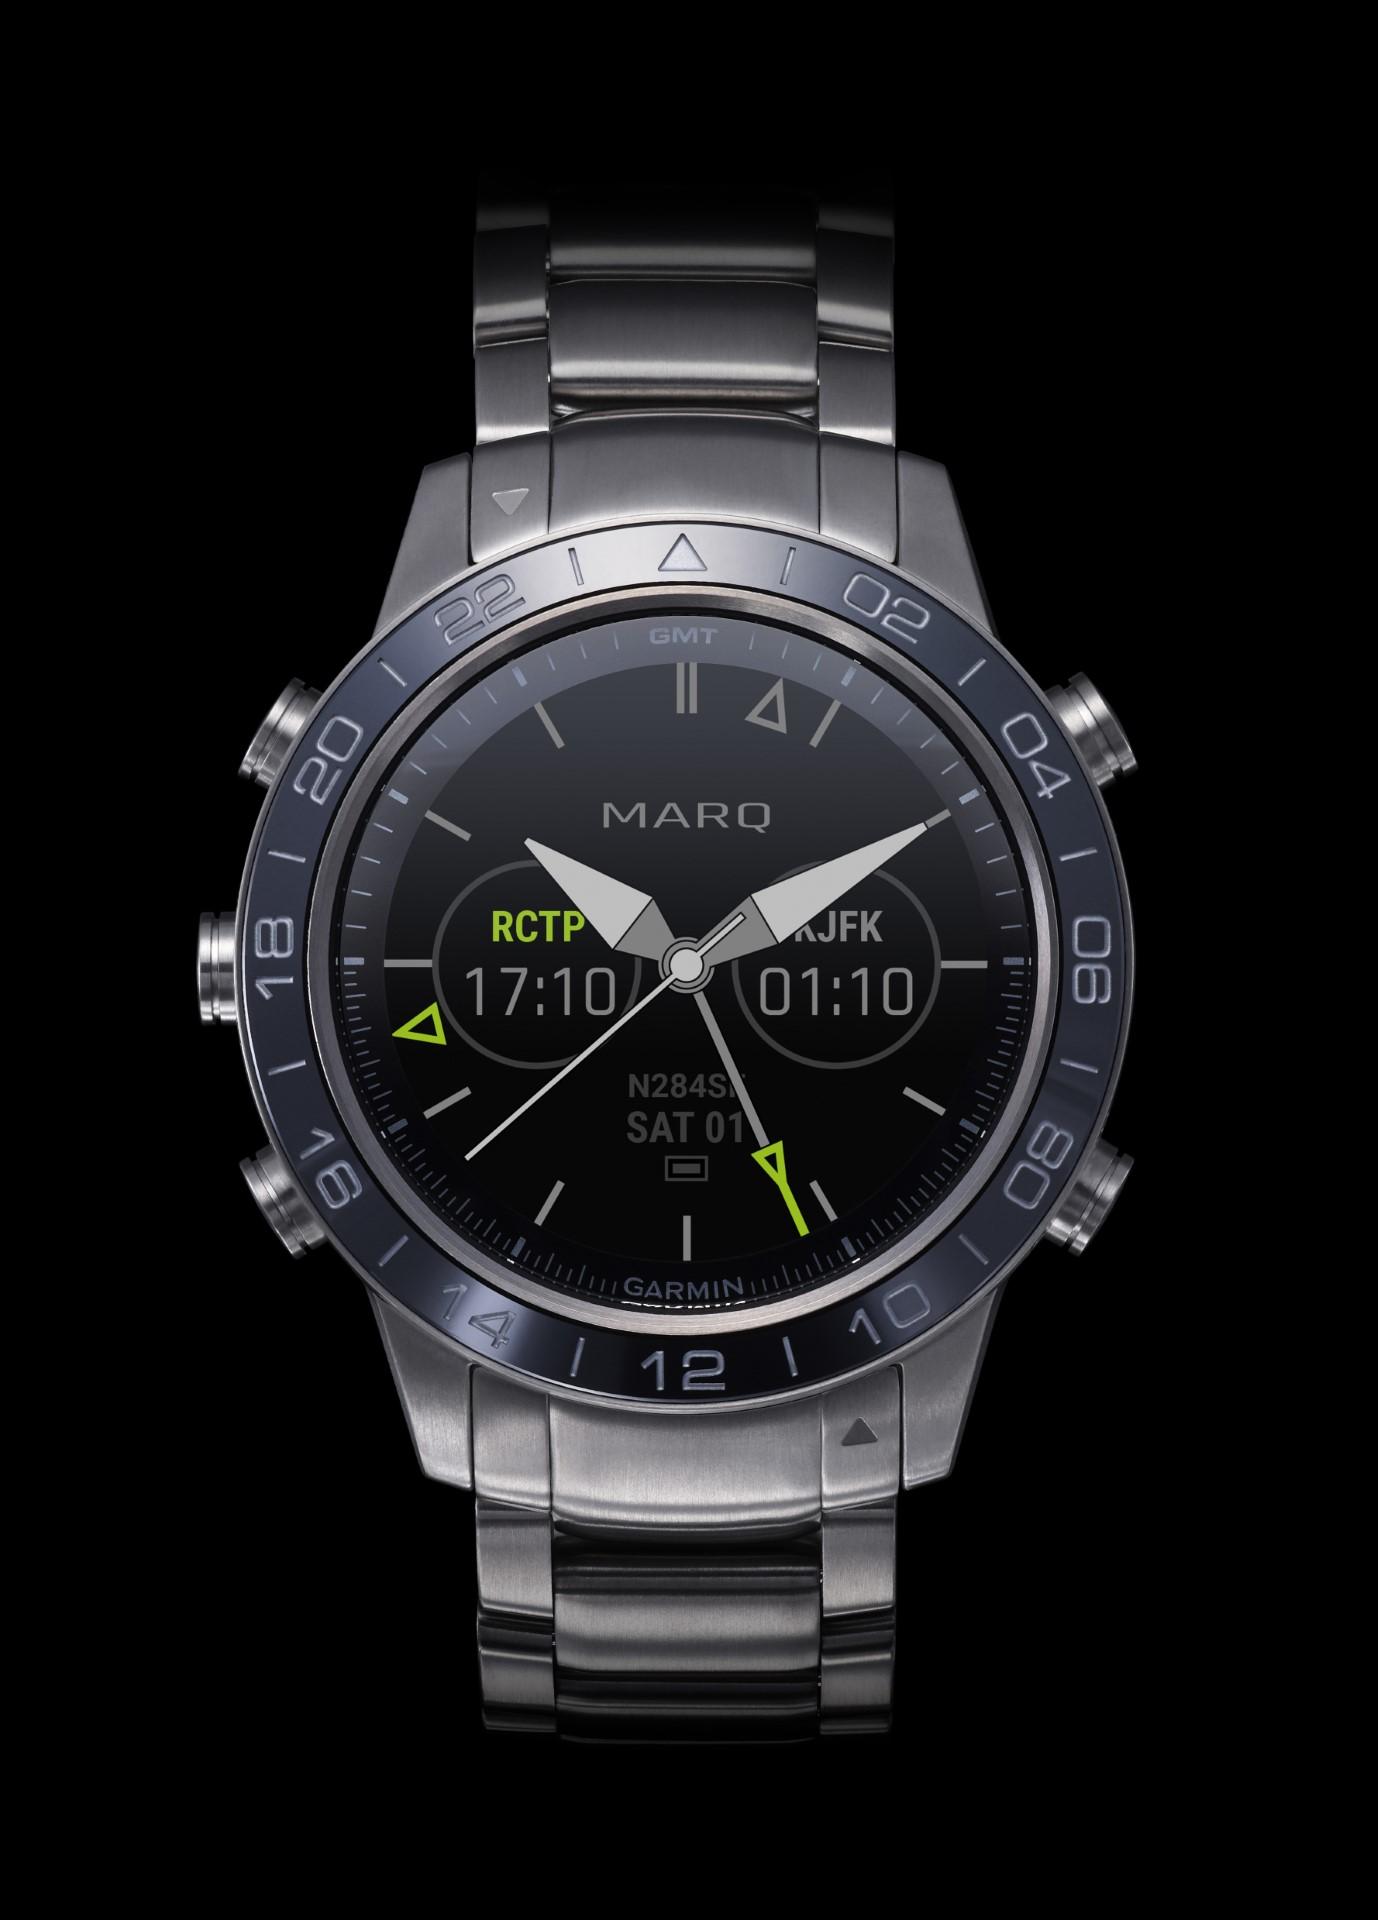 Garmin MARQ Aviator - Smarwatch Multisport GPS - Gioielleria Casavola Noci - Foto Prodotto